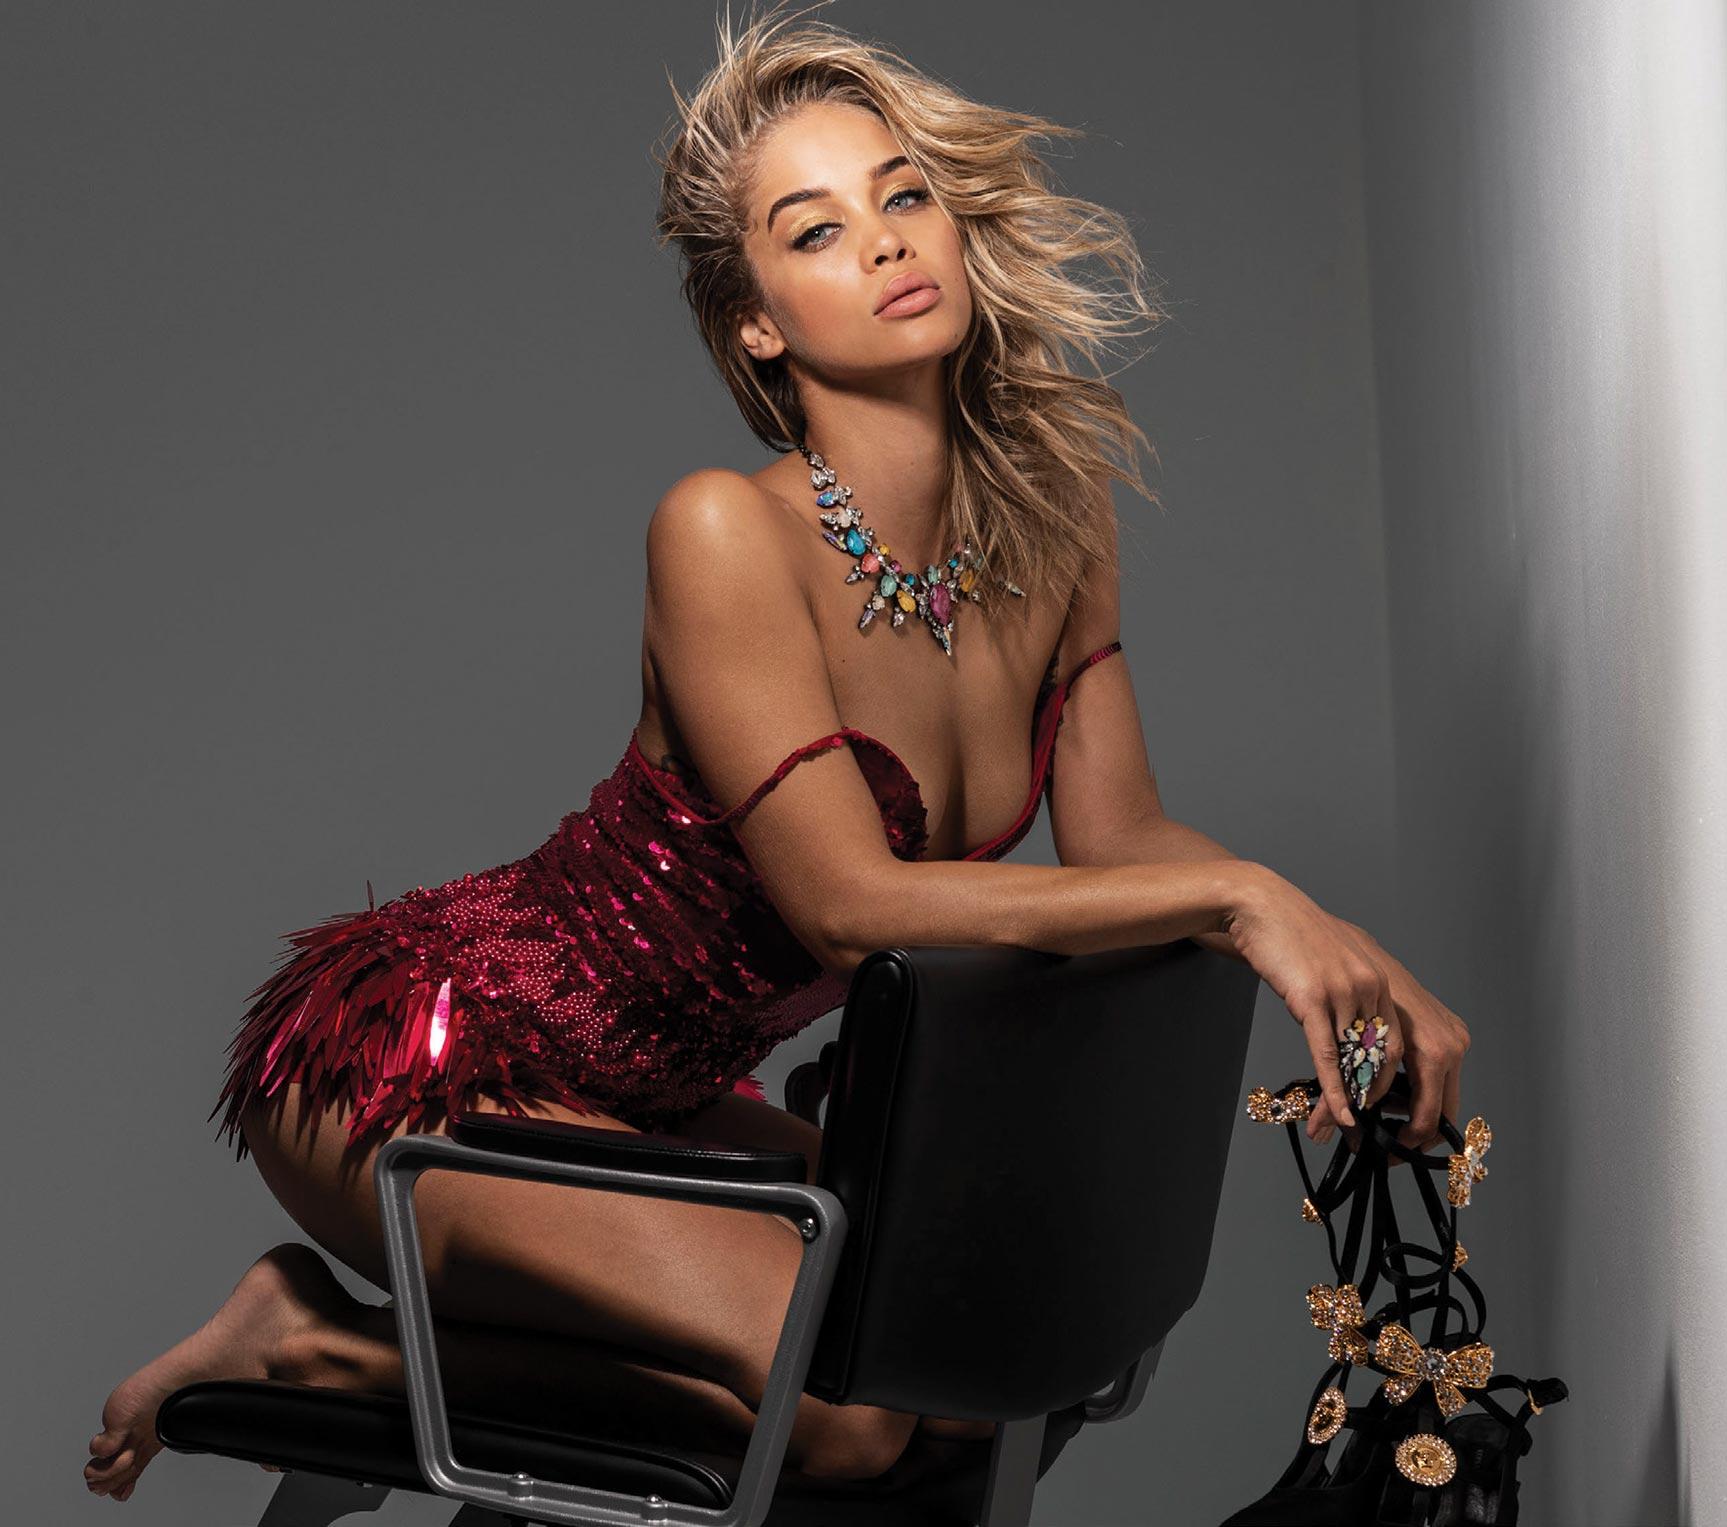 Жасмин Сандерс в журнале Maxim Мексика, апрель 2020 / фото 01